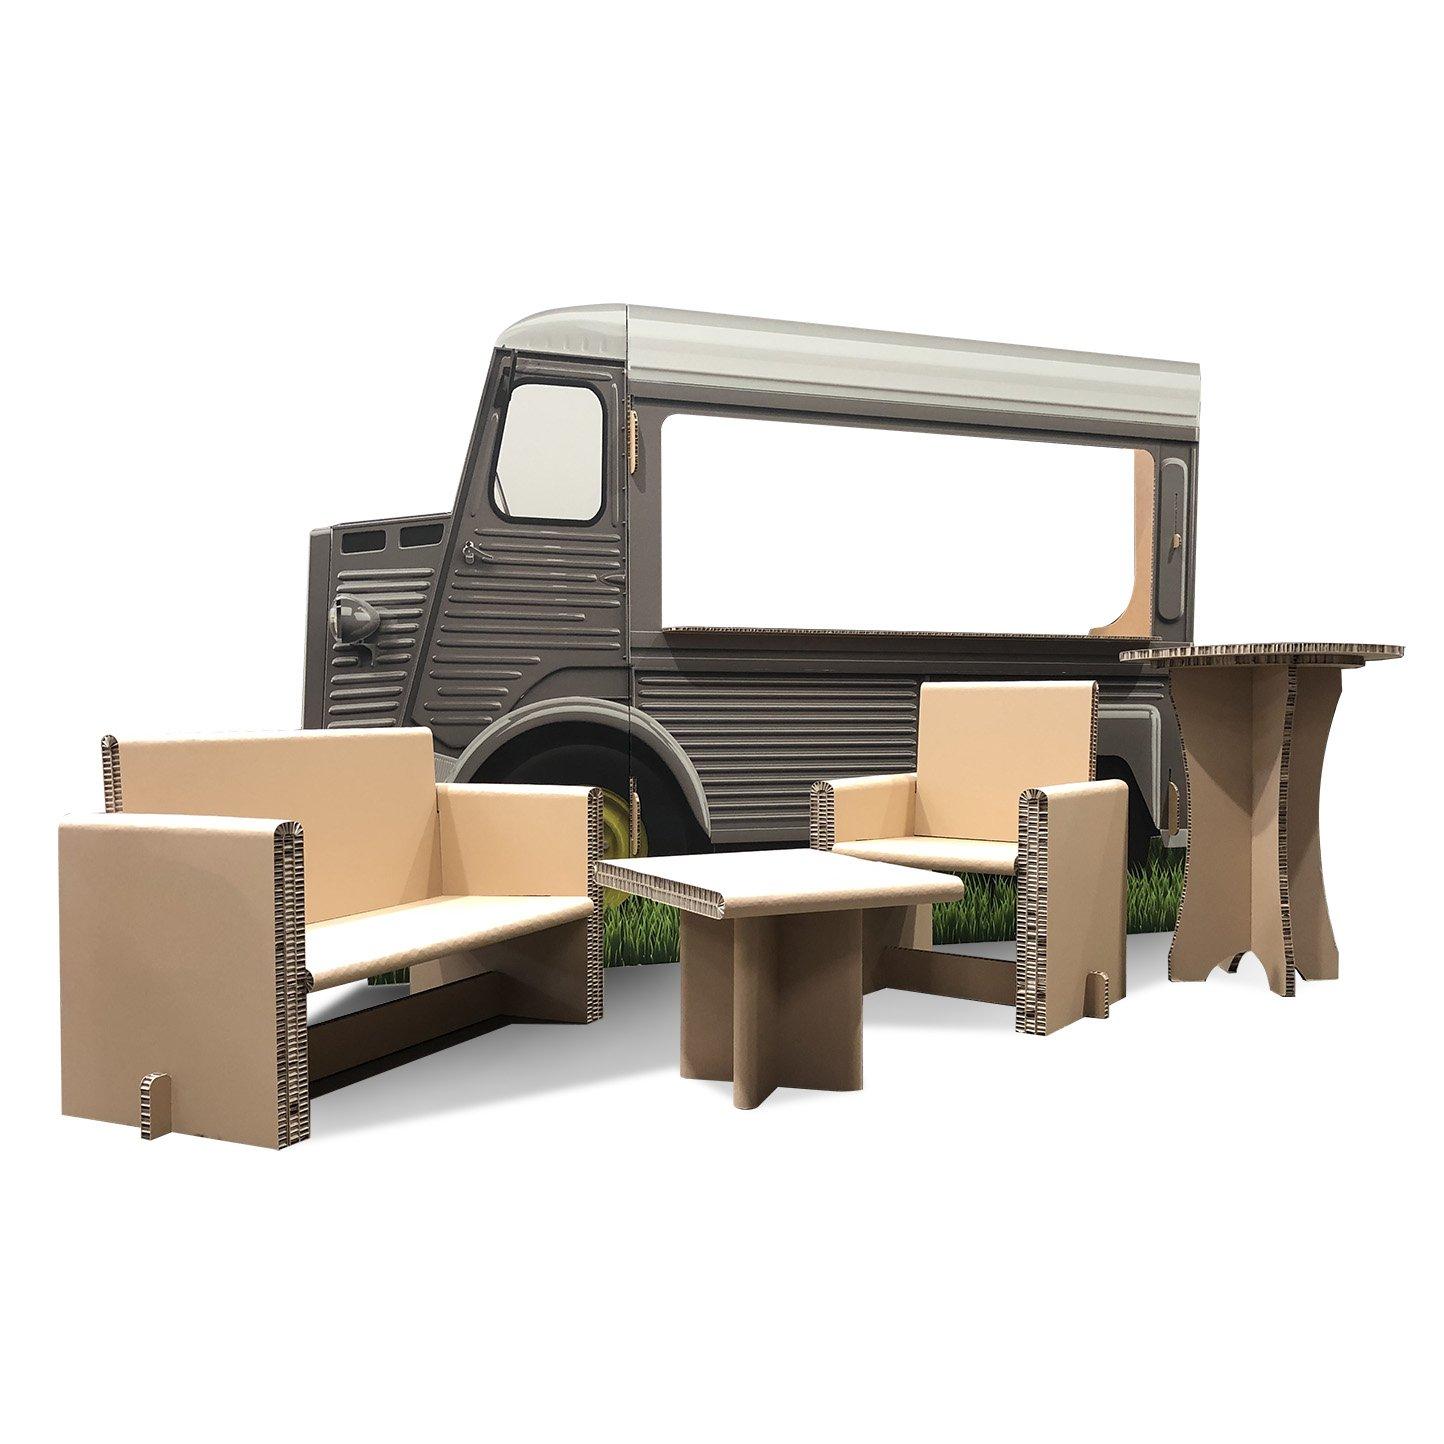 Food truck en carton + canapé et fauteuil en carton